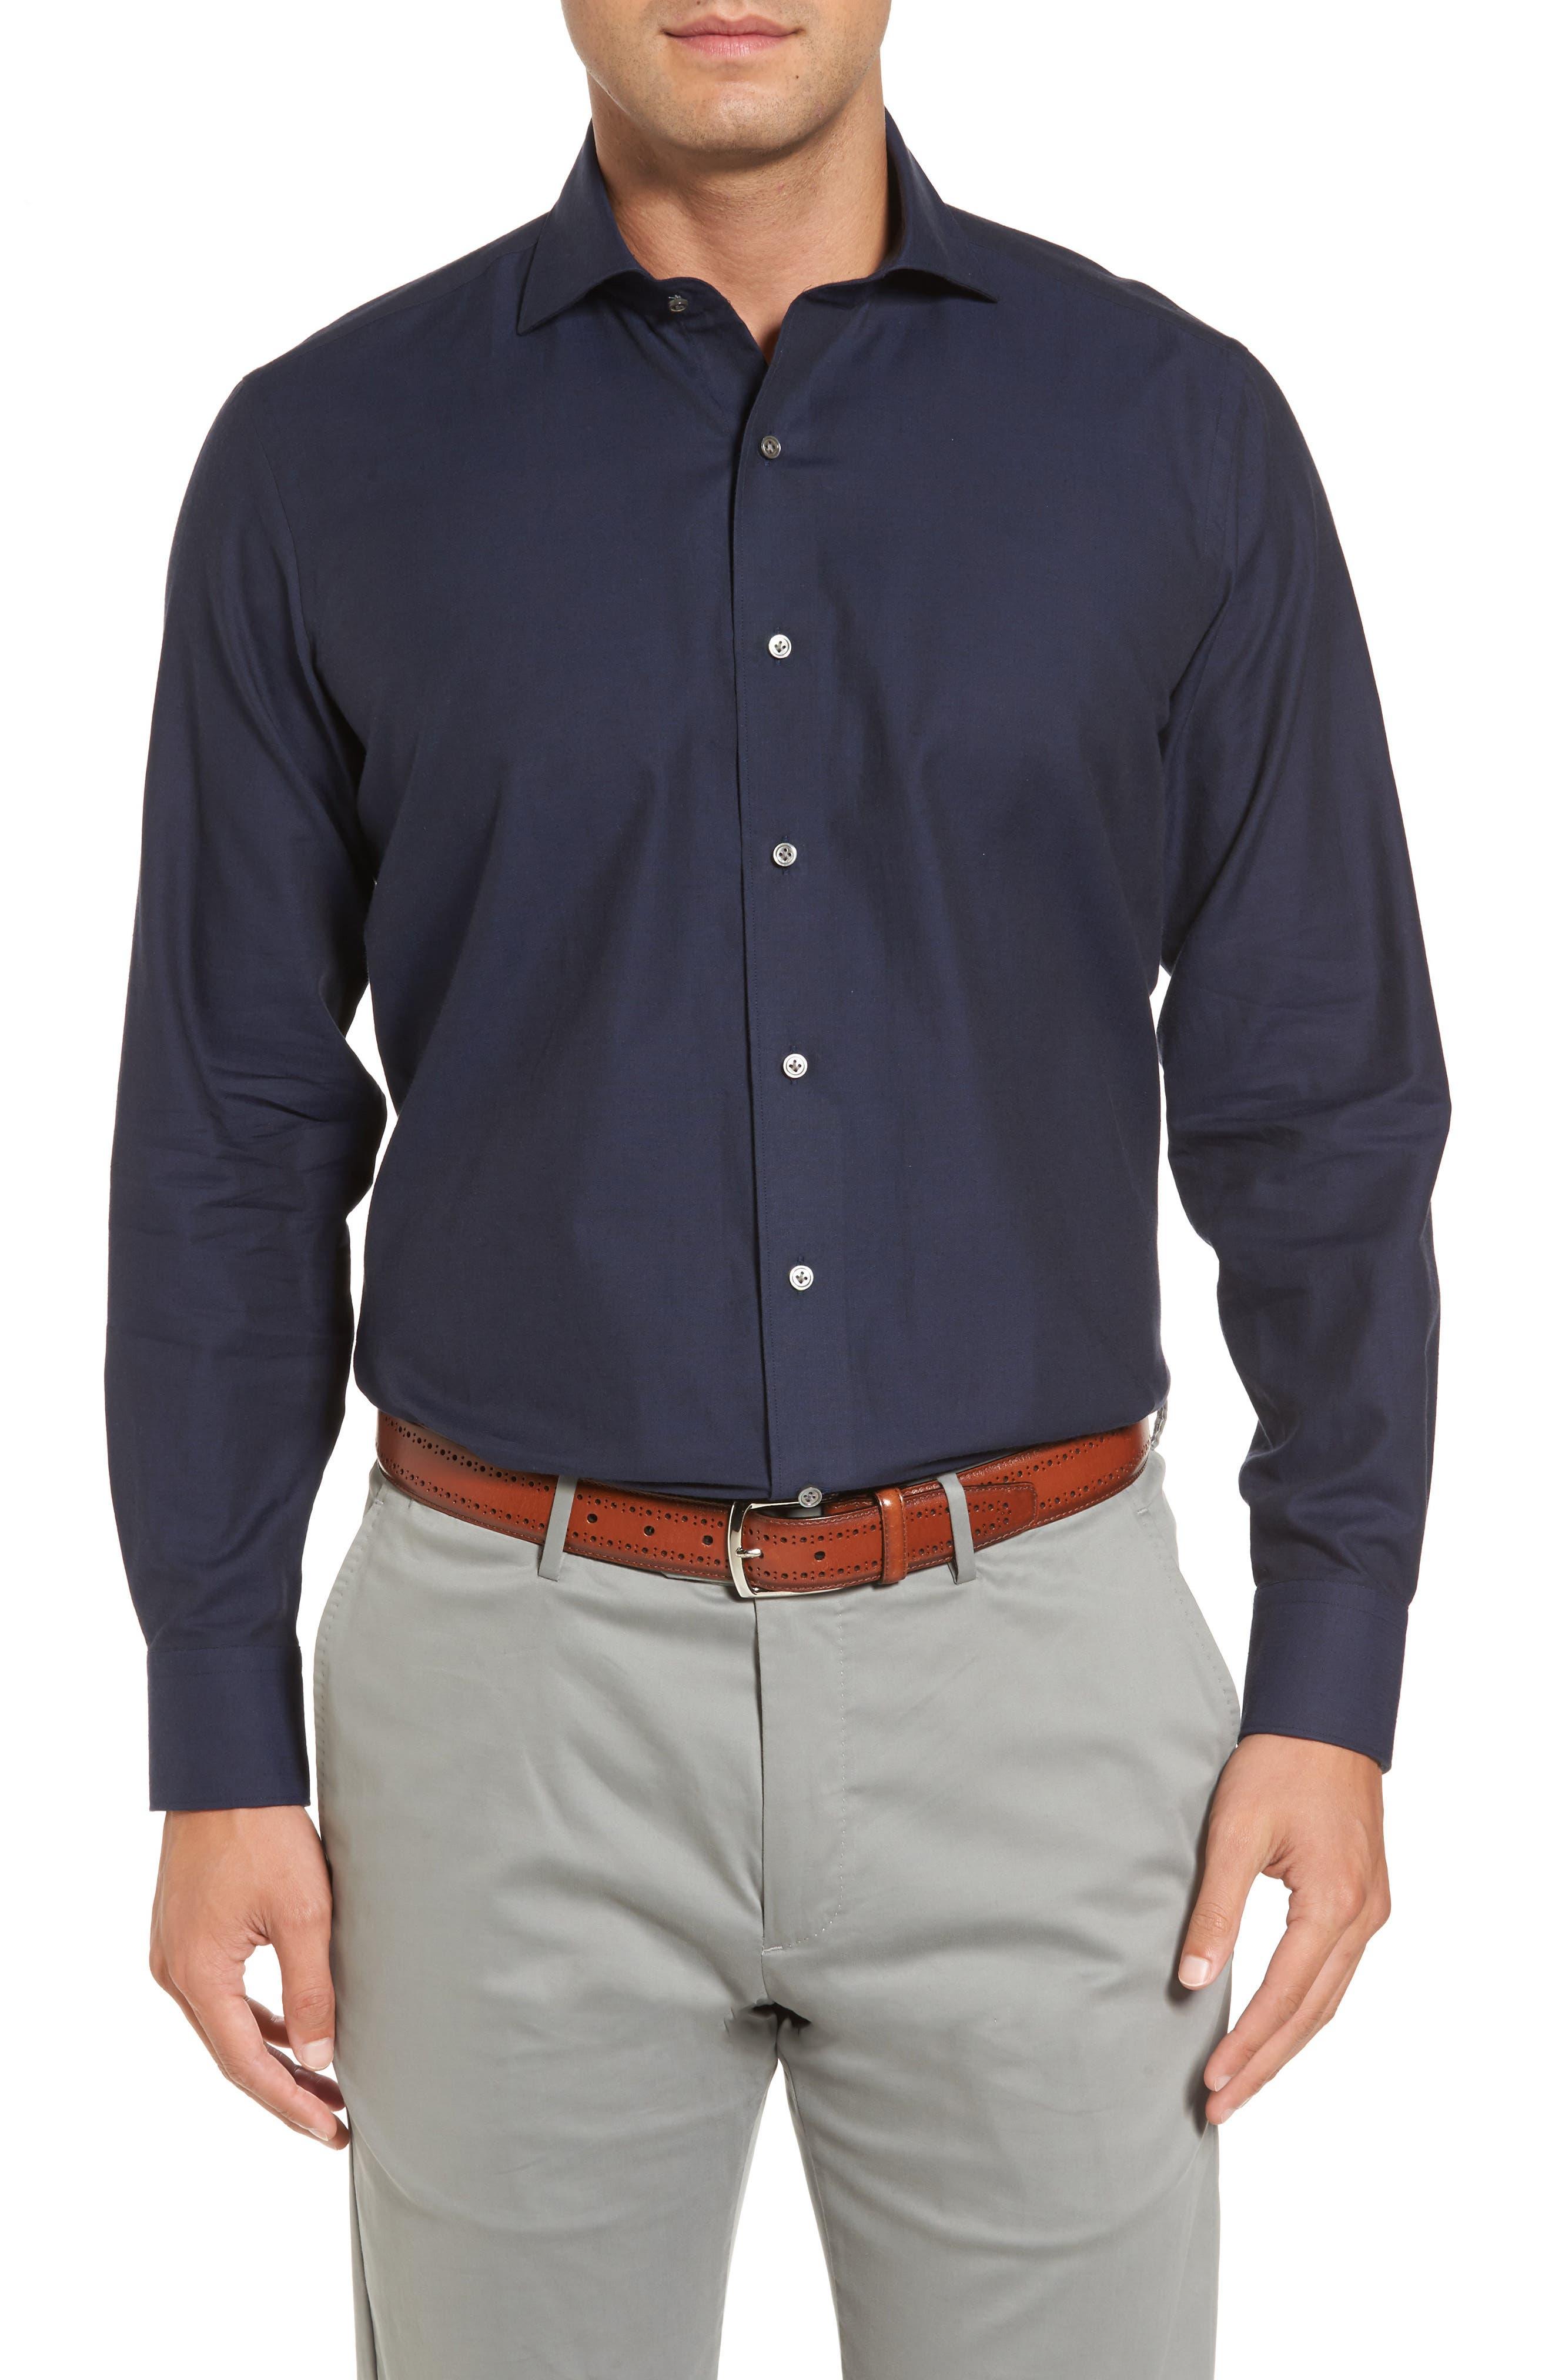 Main Image - Peter Millar Silky Touch Herringbone Sport Shirt